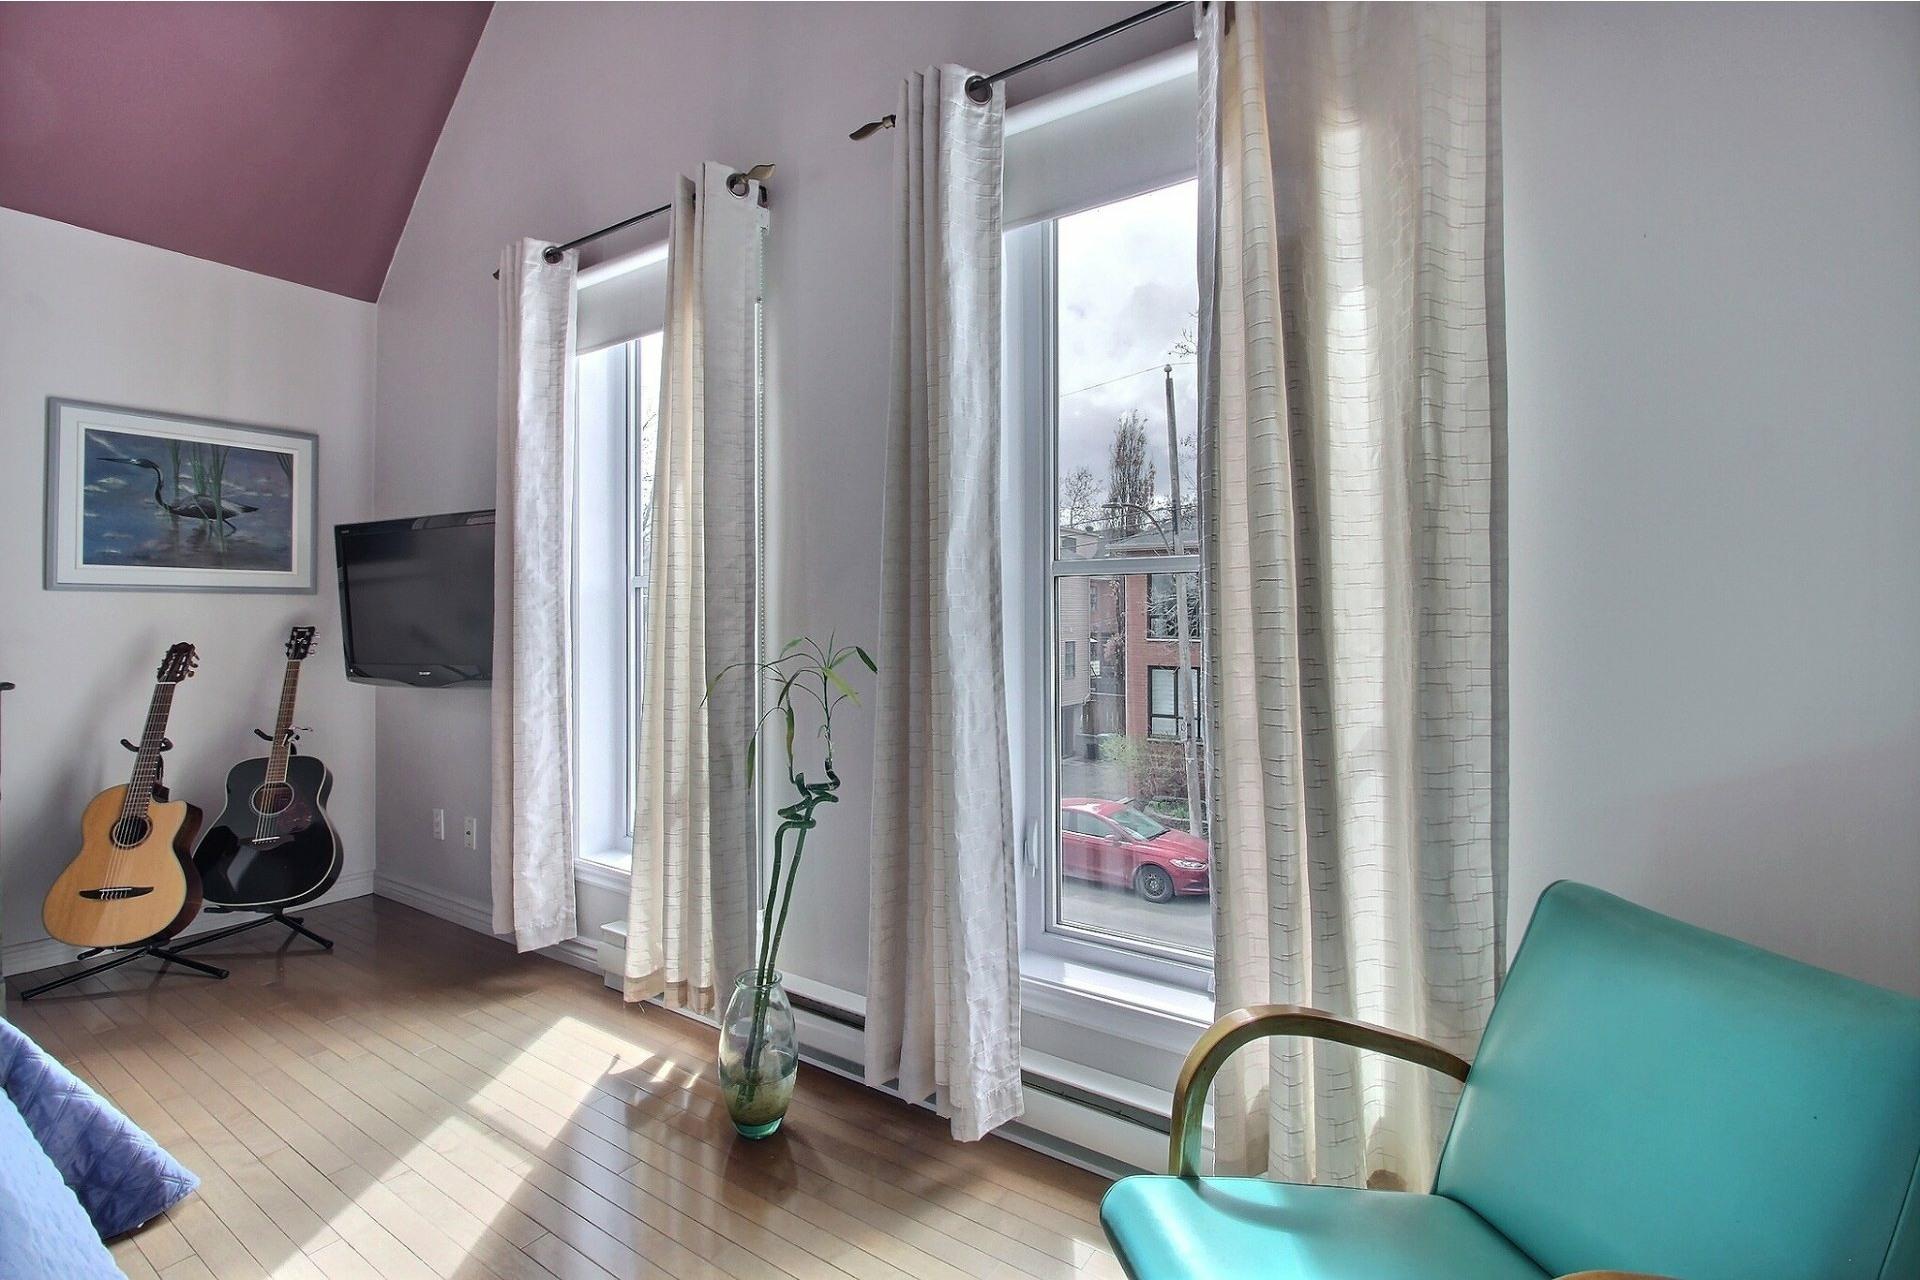 image 20 - House For sale Mercier/Hochelaga-Maisonneuve Montréal  - 7 rooms